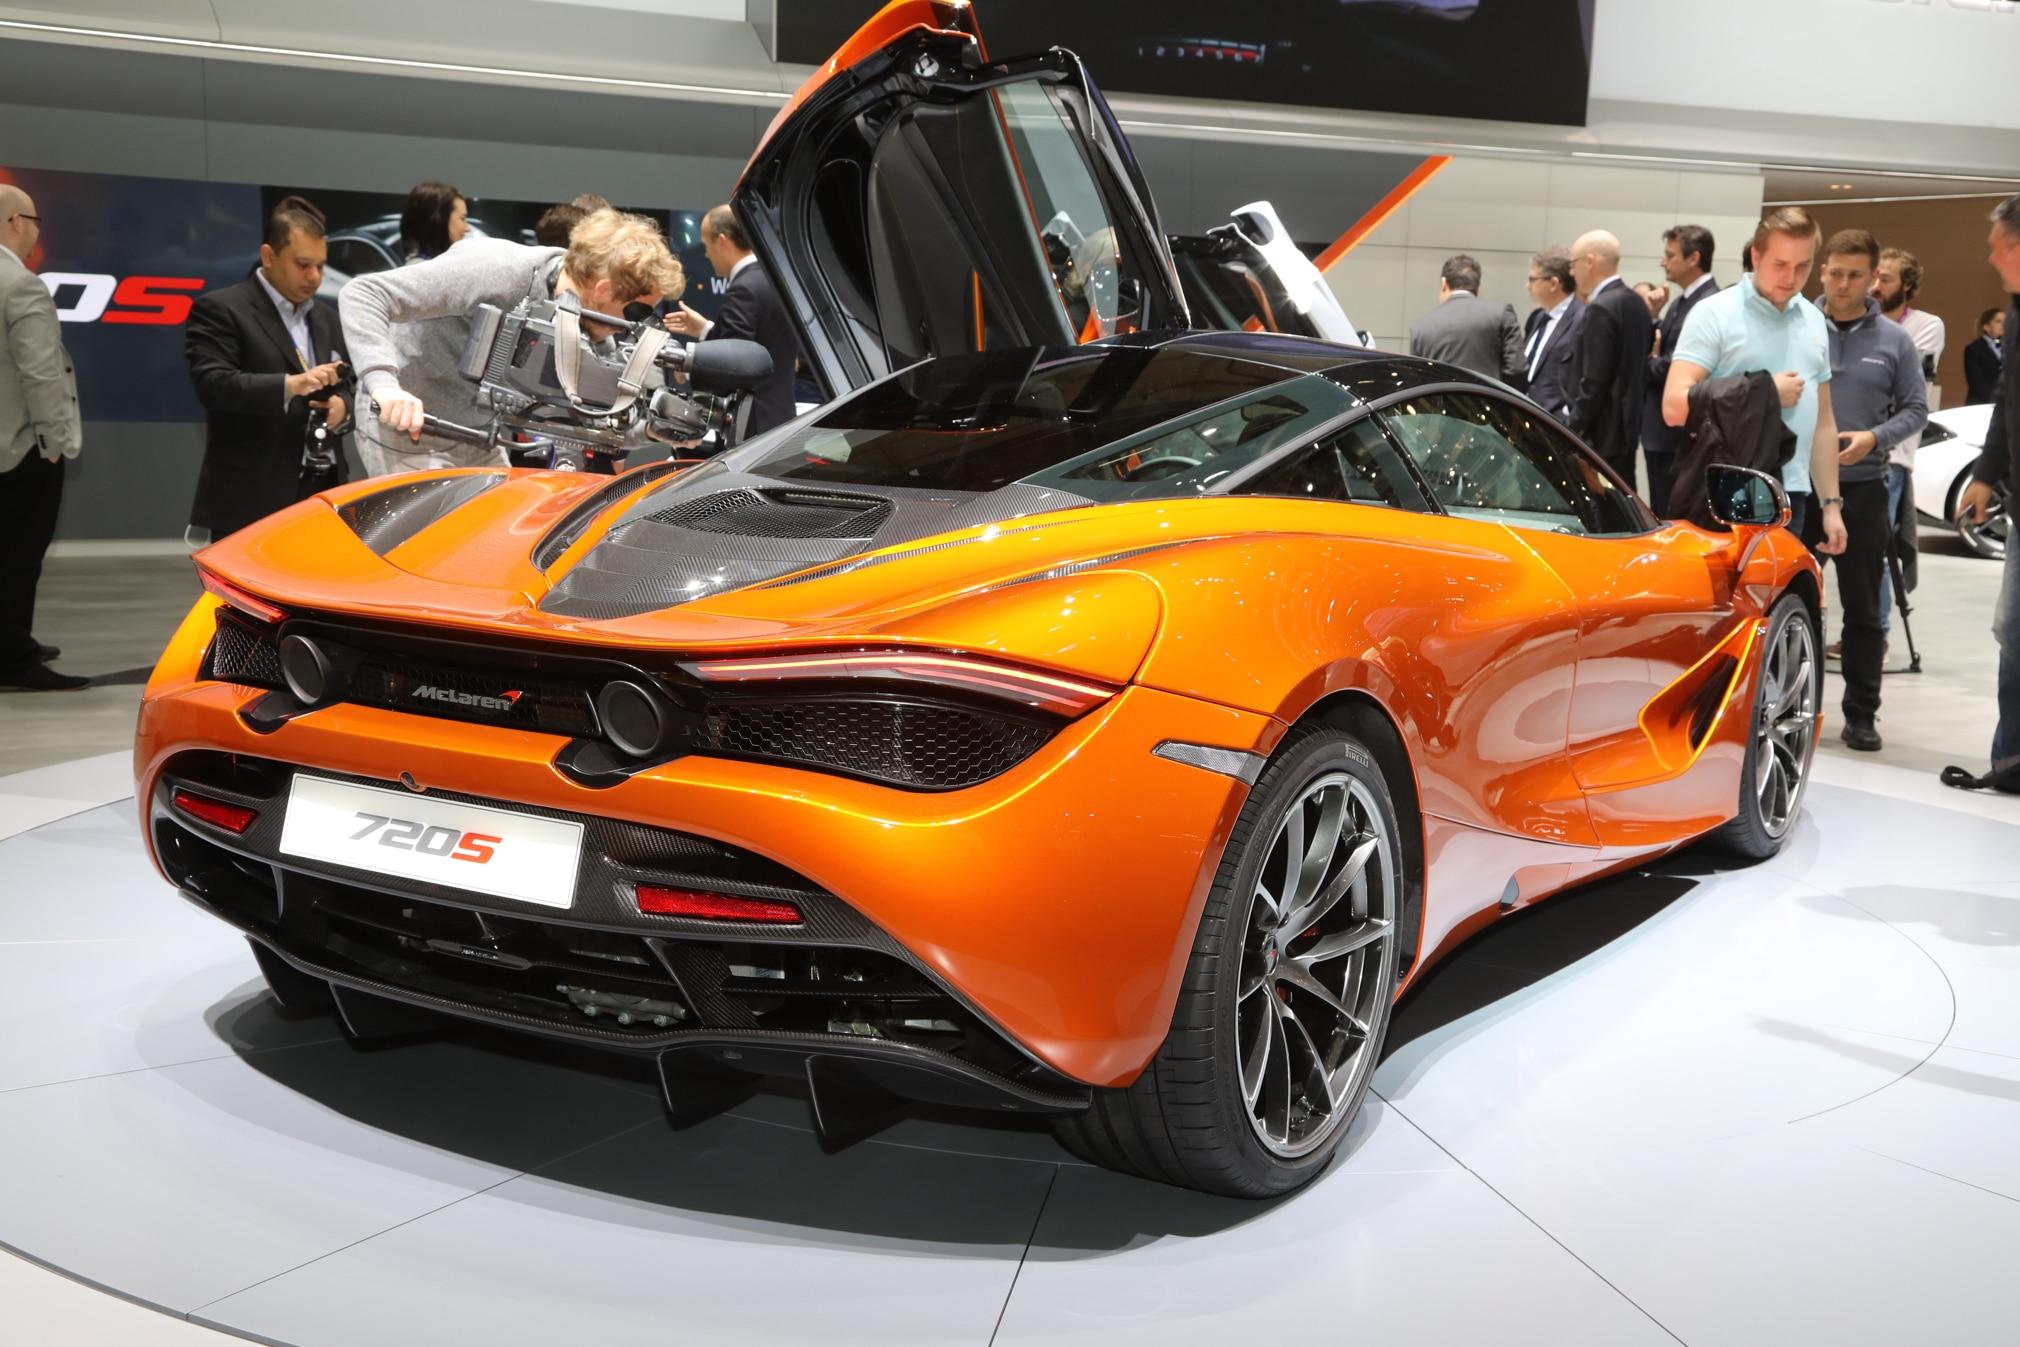 2018 McLaren 720S Rear Three Quarter 2